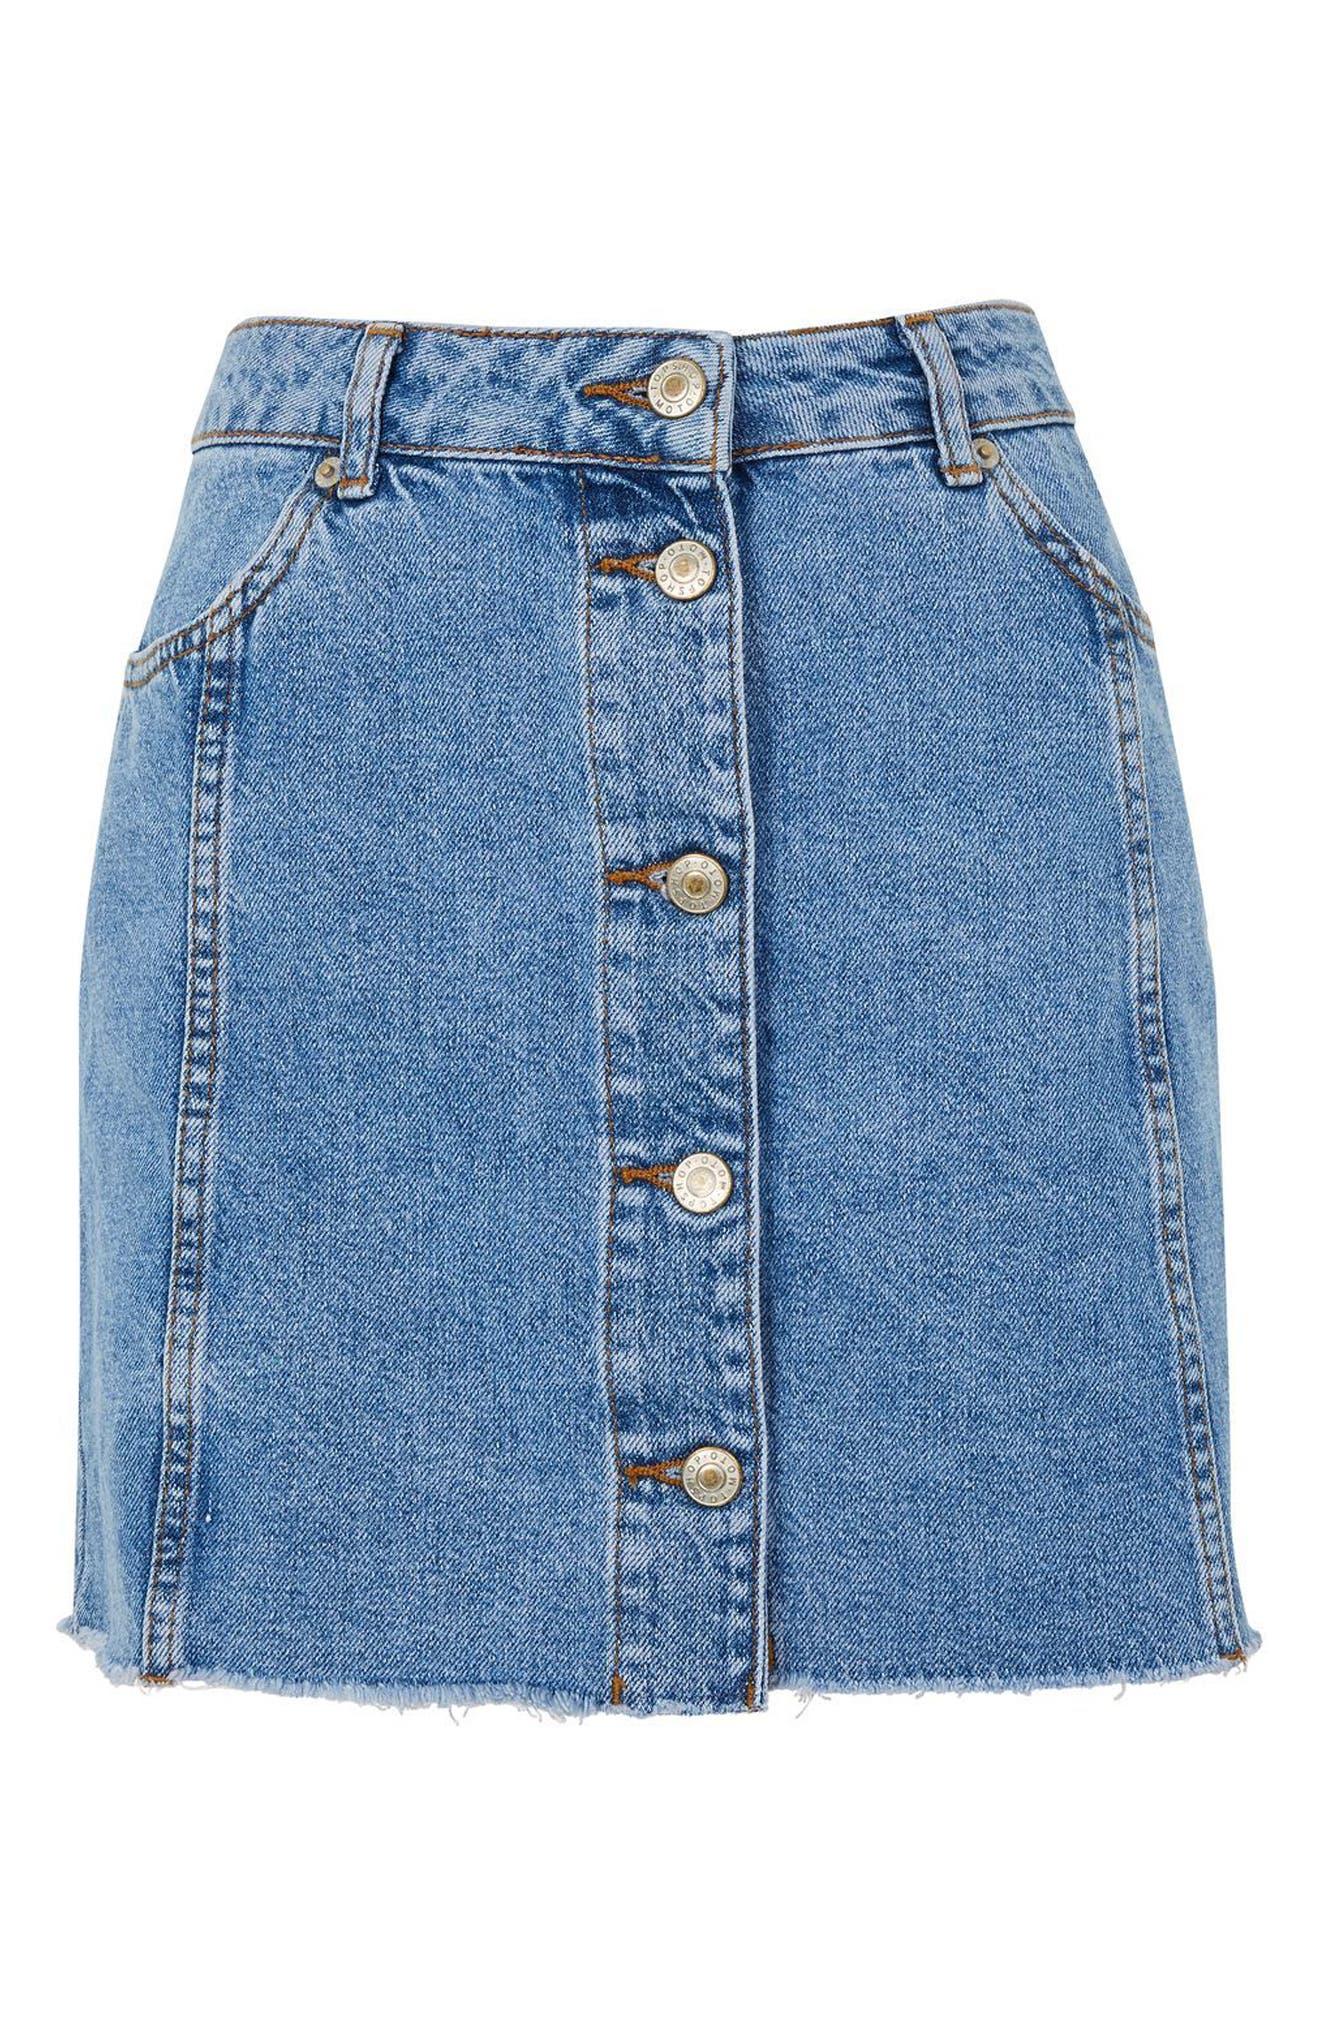 Button Denim Miniskirt,                             Alternate thumbnail 4, color,                             Light Denim